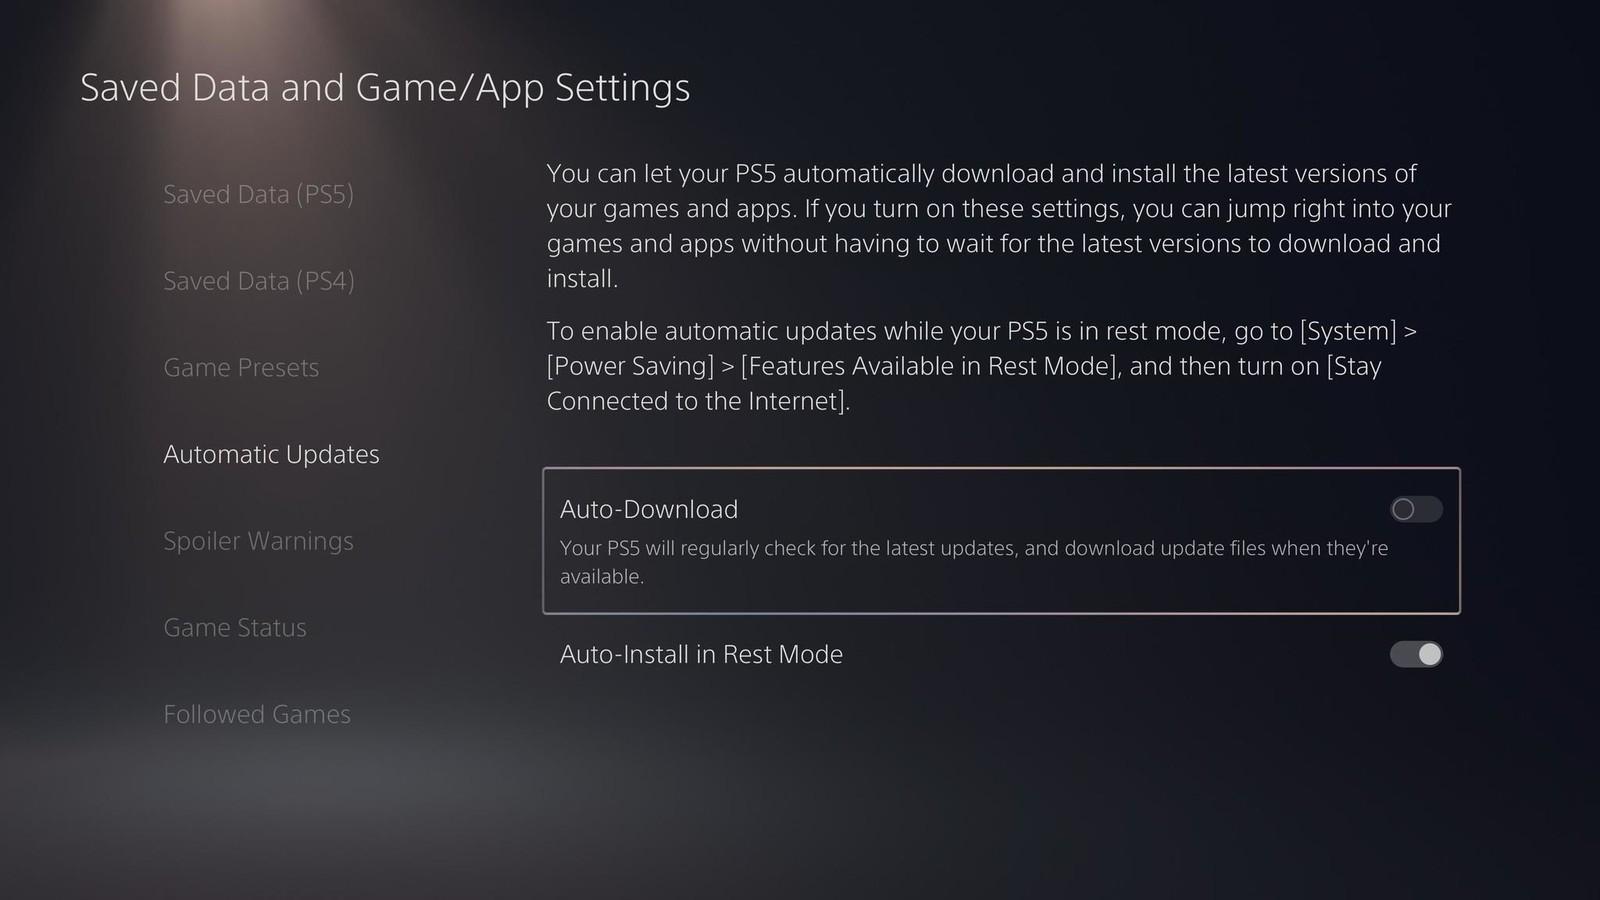 Cách tắt tự động cập nhật game trên Playstation 5